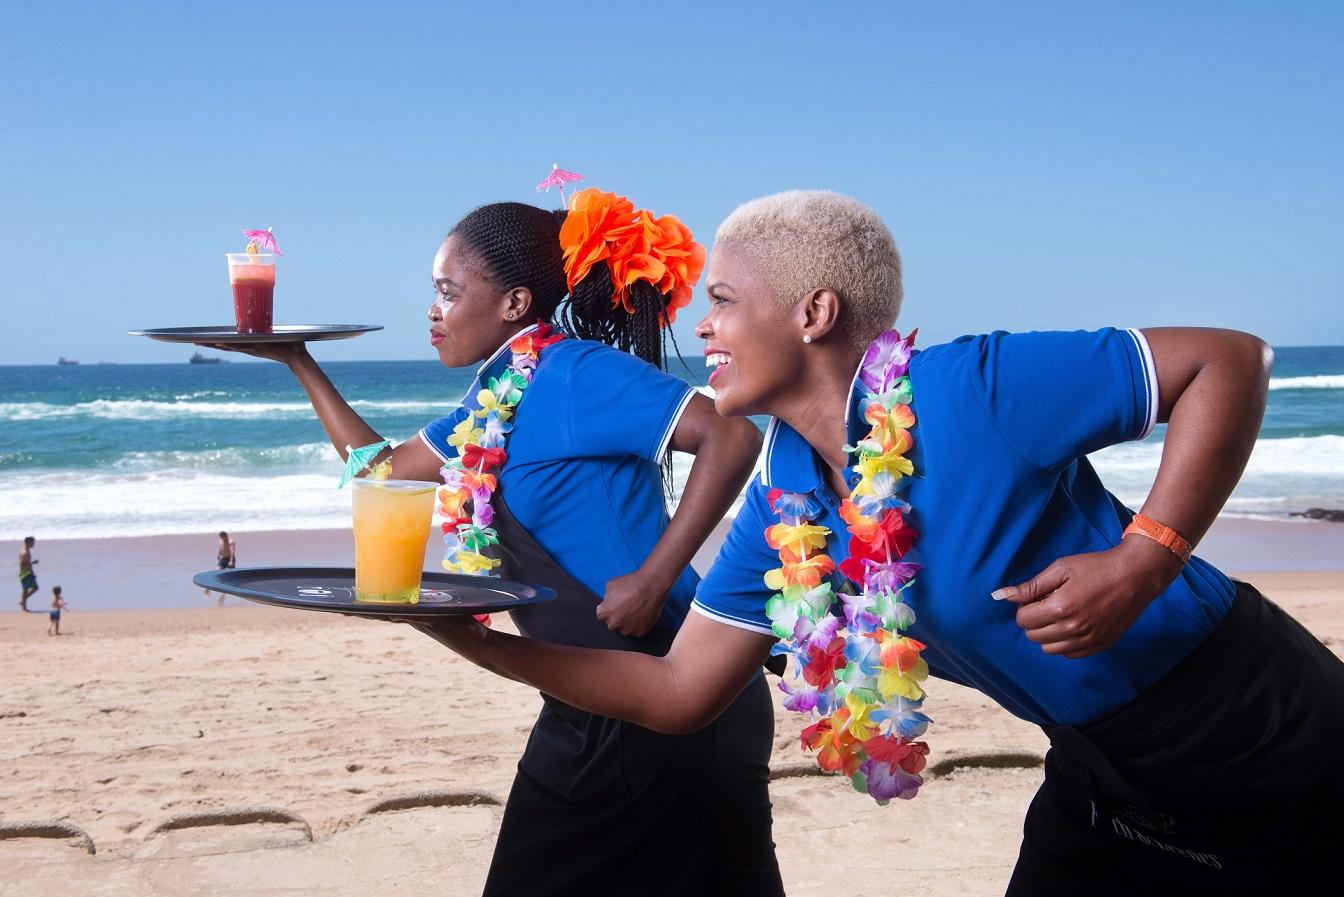 Phindile Nyembe & Samake Kubeka from Maestro at Umhlanga Sands get ready to race!